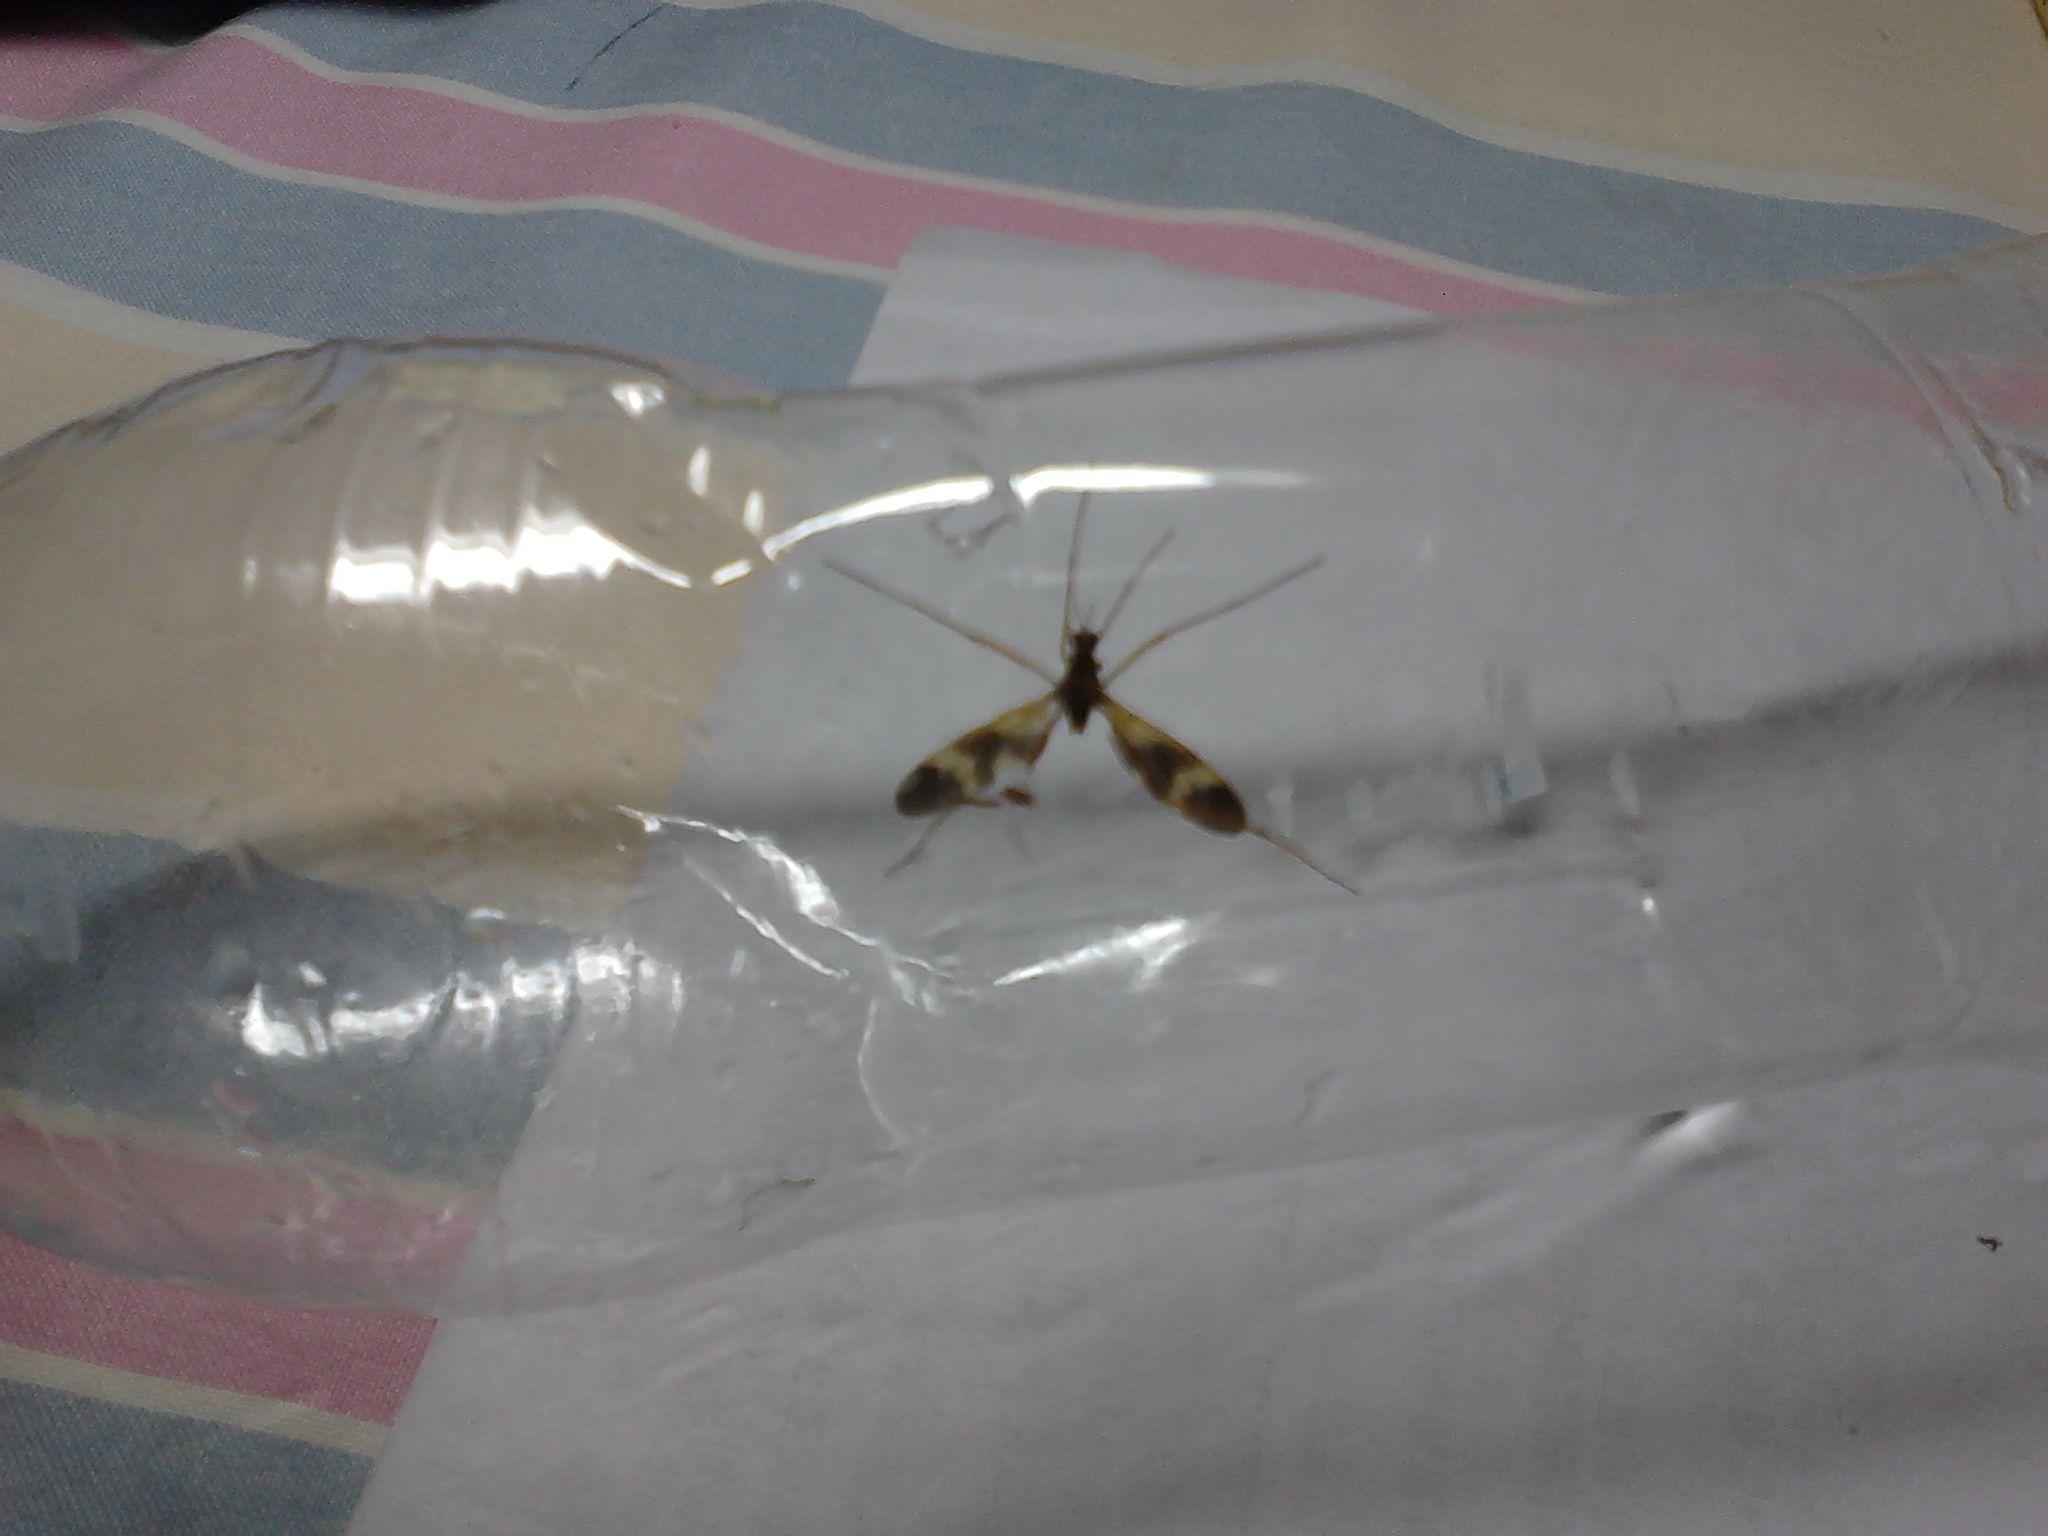 六足 双翅黑黄相间 外形酷似蚊子.嘴上有一个类似于蚊子的高清图片